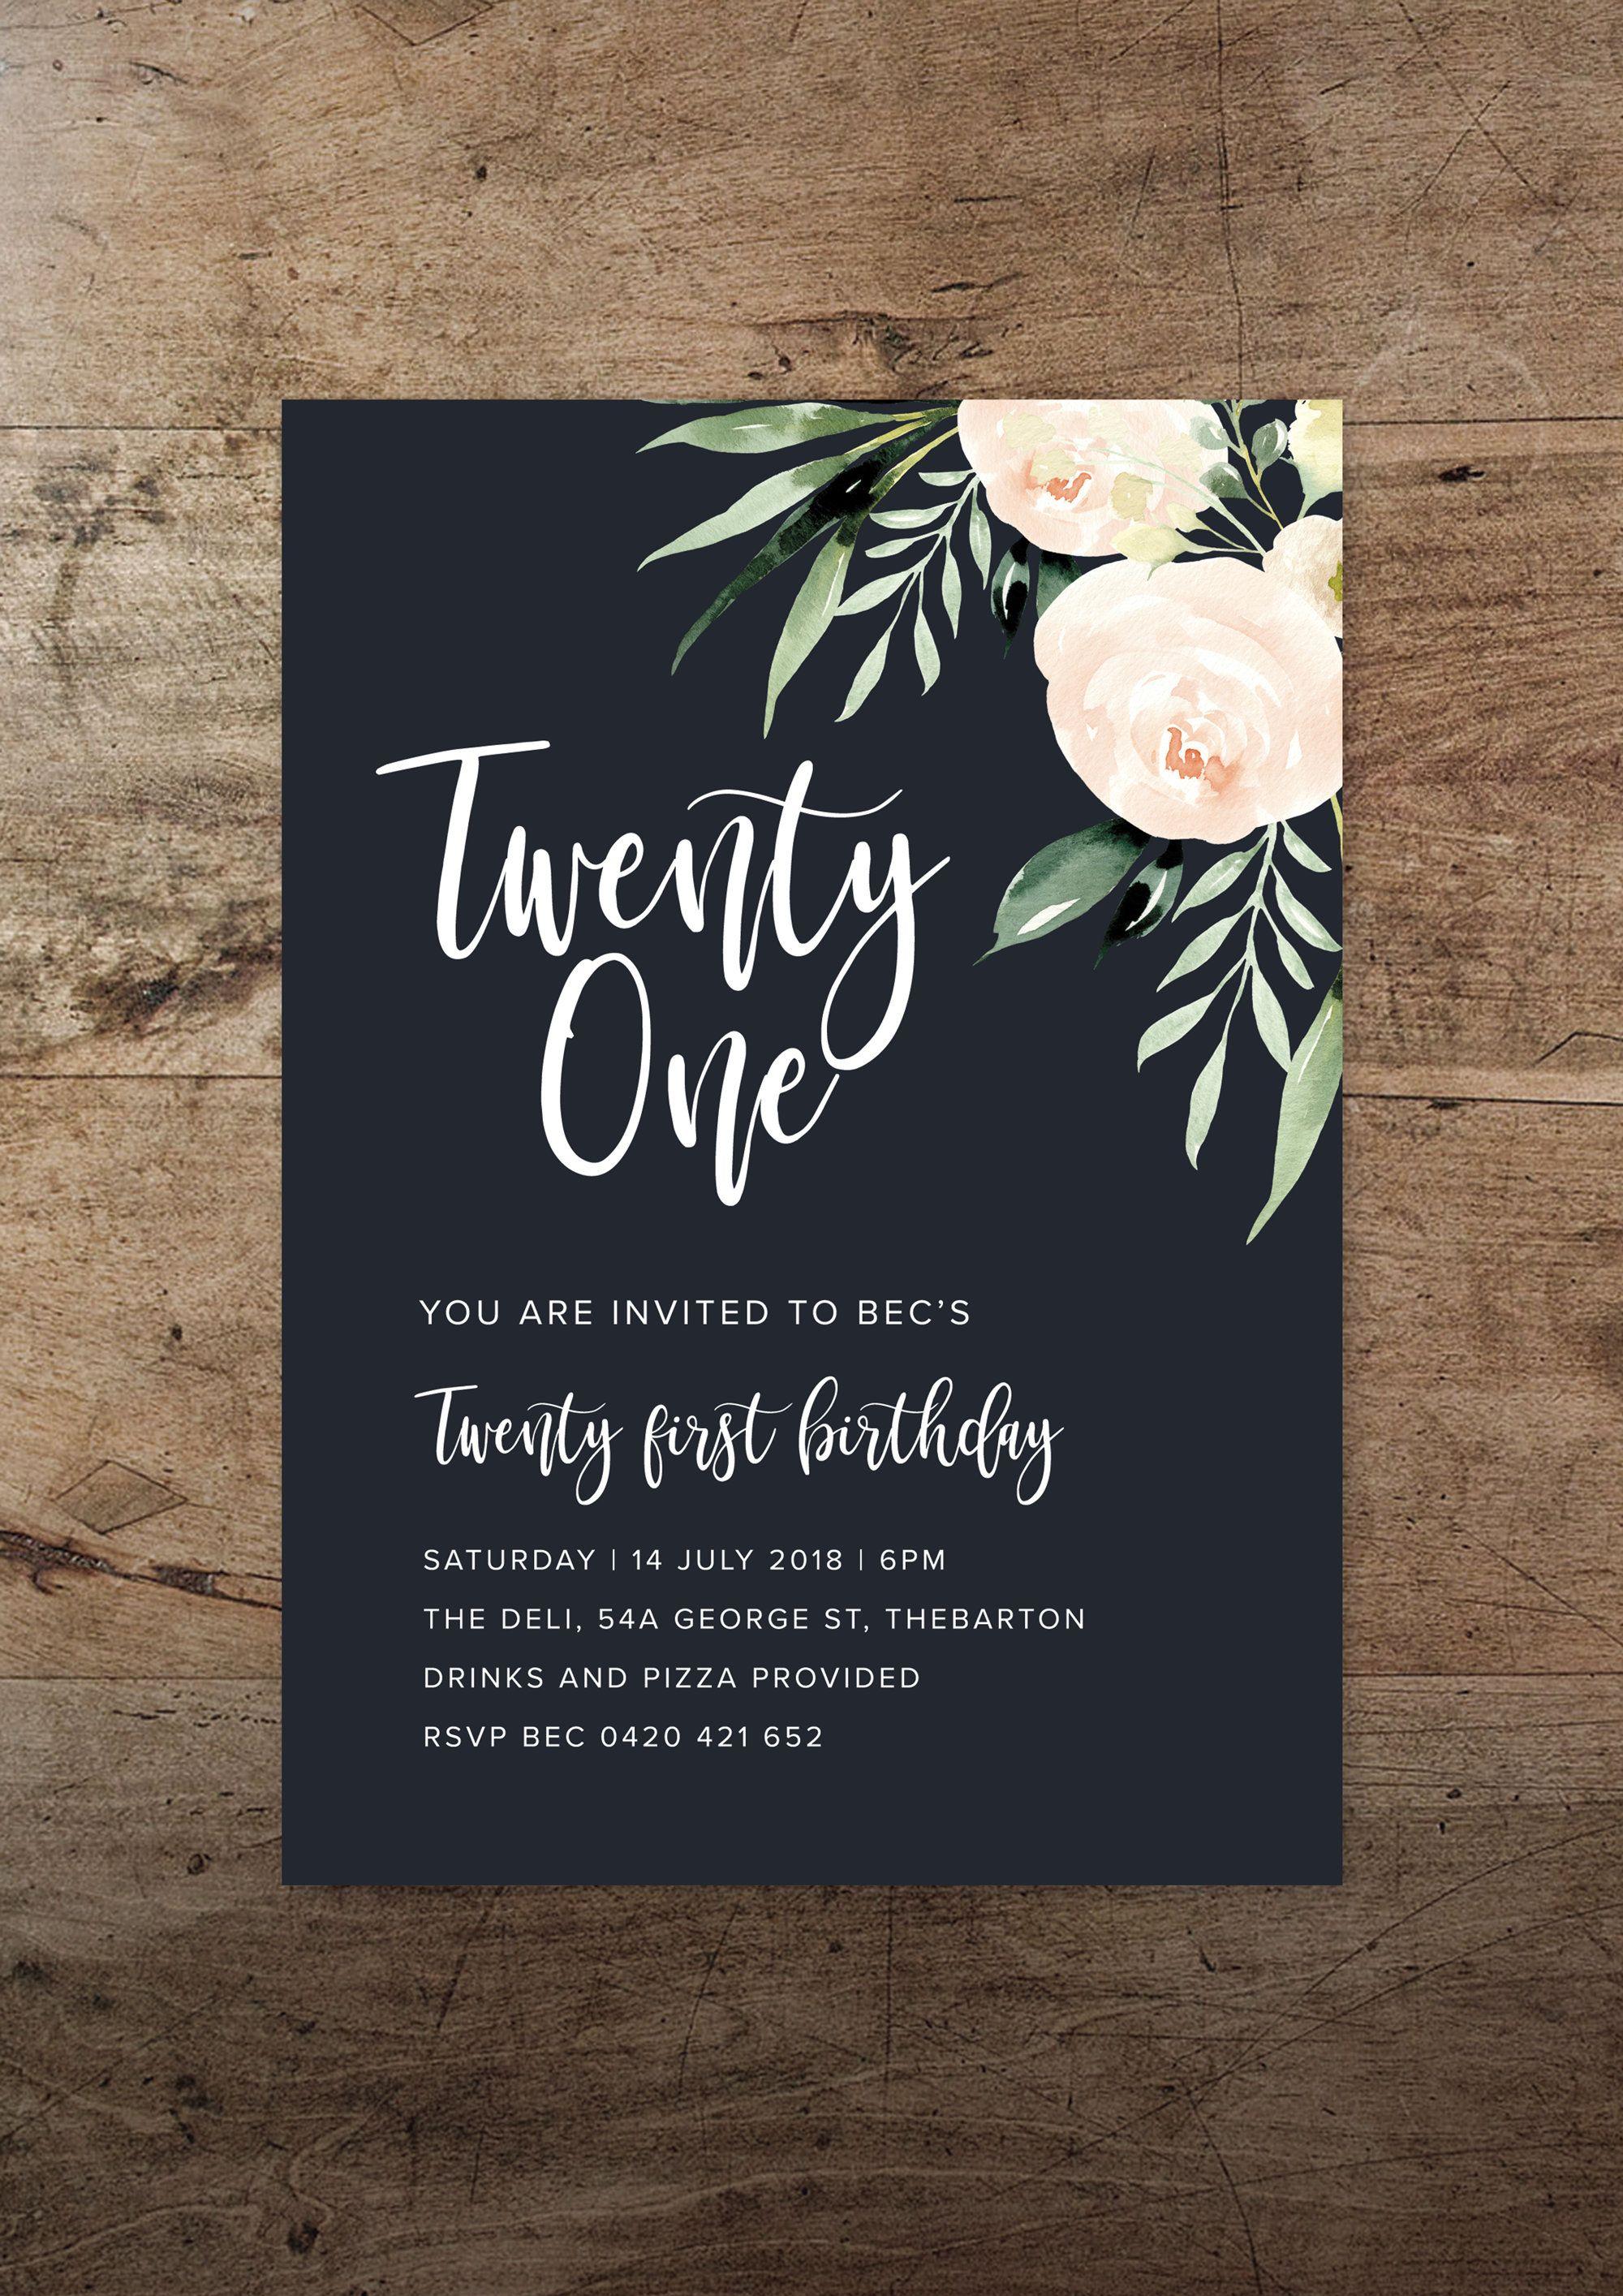 Navy Blush Birthday Invitation All Ages Etsy By Rachel Vanderzon 21st Birthday Invitations Invitation Design Birthday 21st Invitations